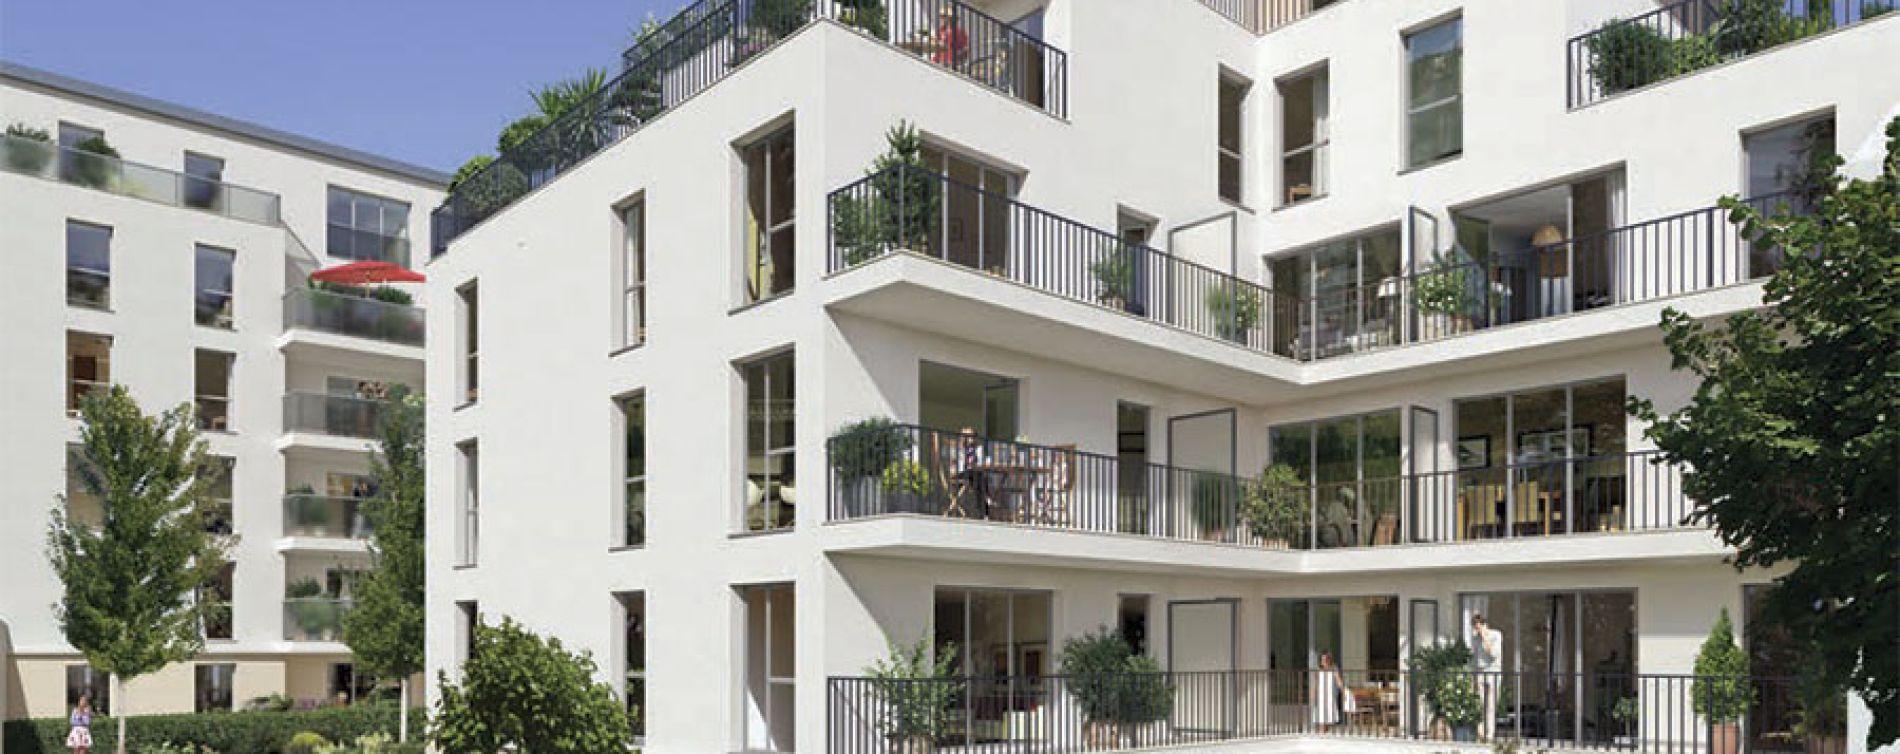 Résidence Les Terrasses Gallieni à Argenteuil